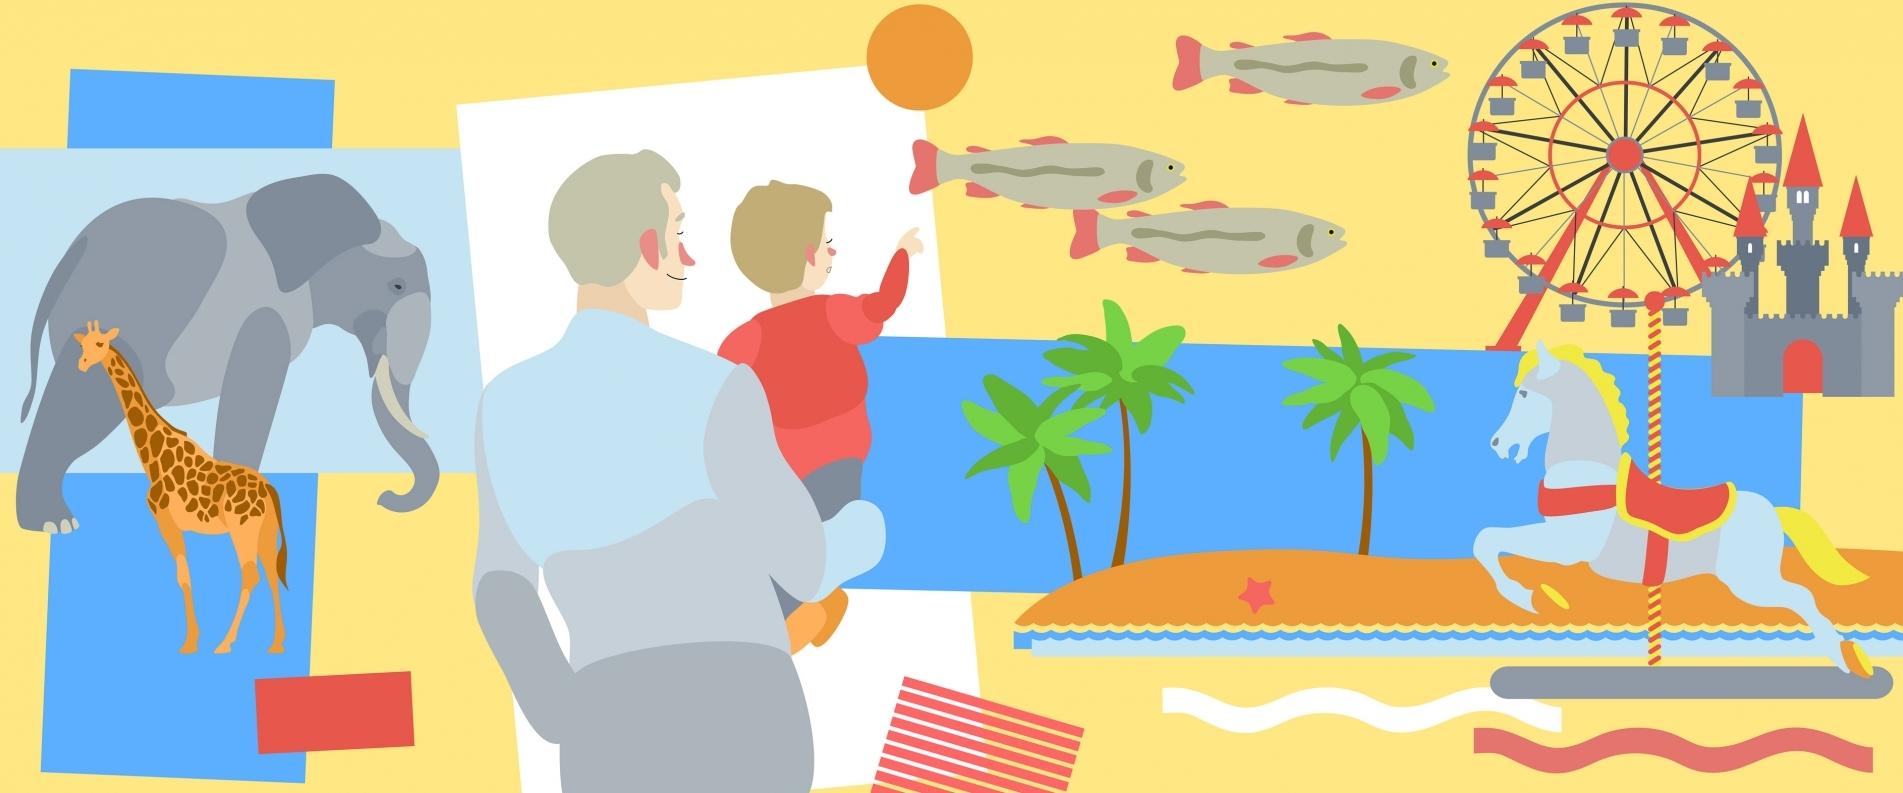 ТОП 5 лучших мест для отдыха с детьми 2-3 лет в выходные на Кипре